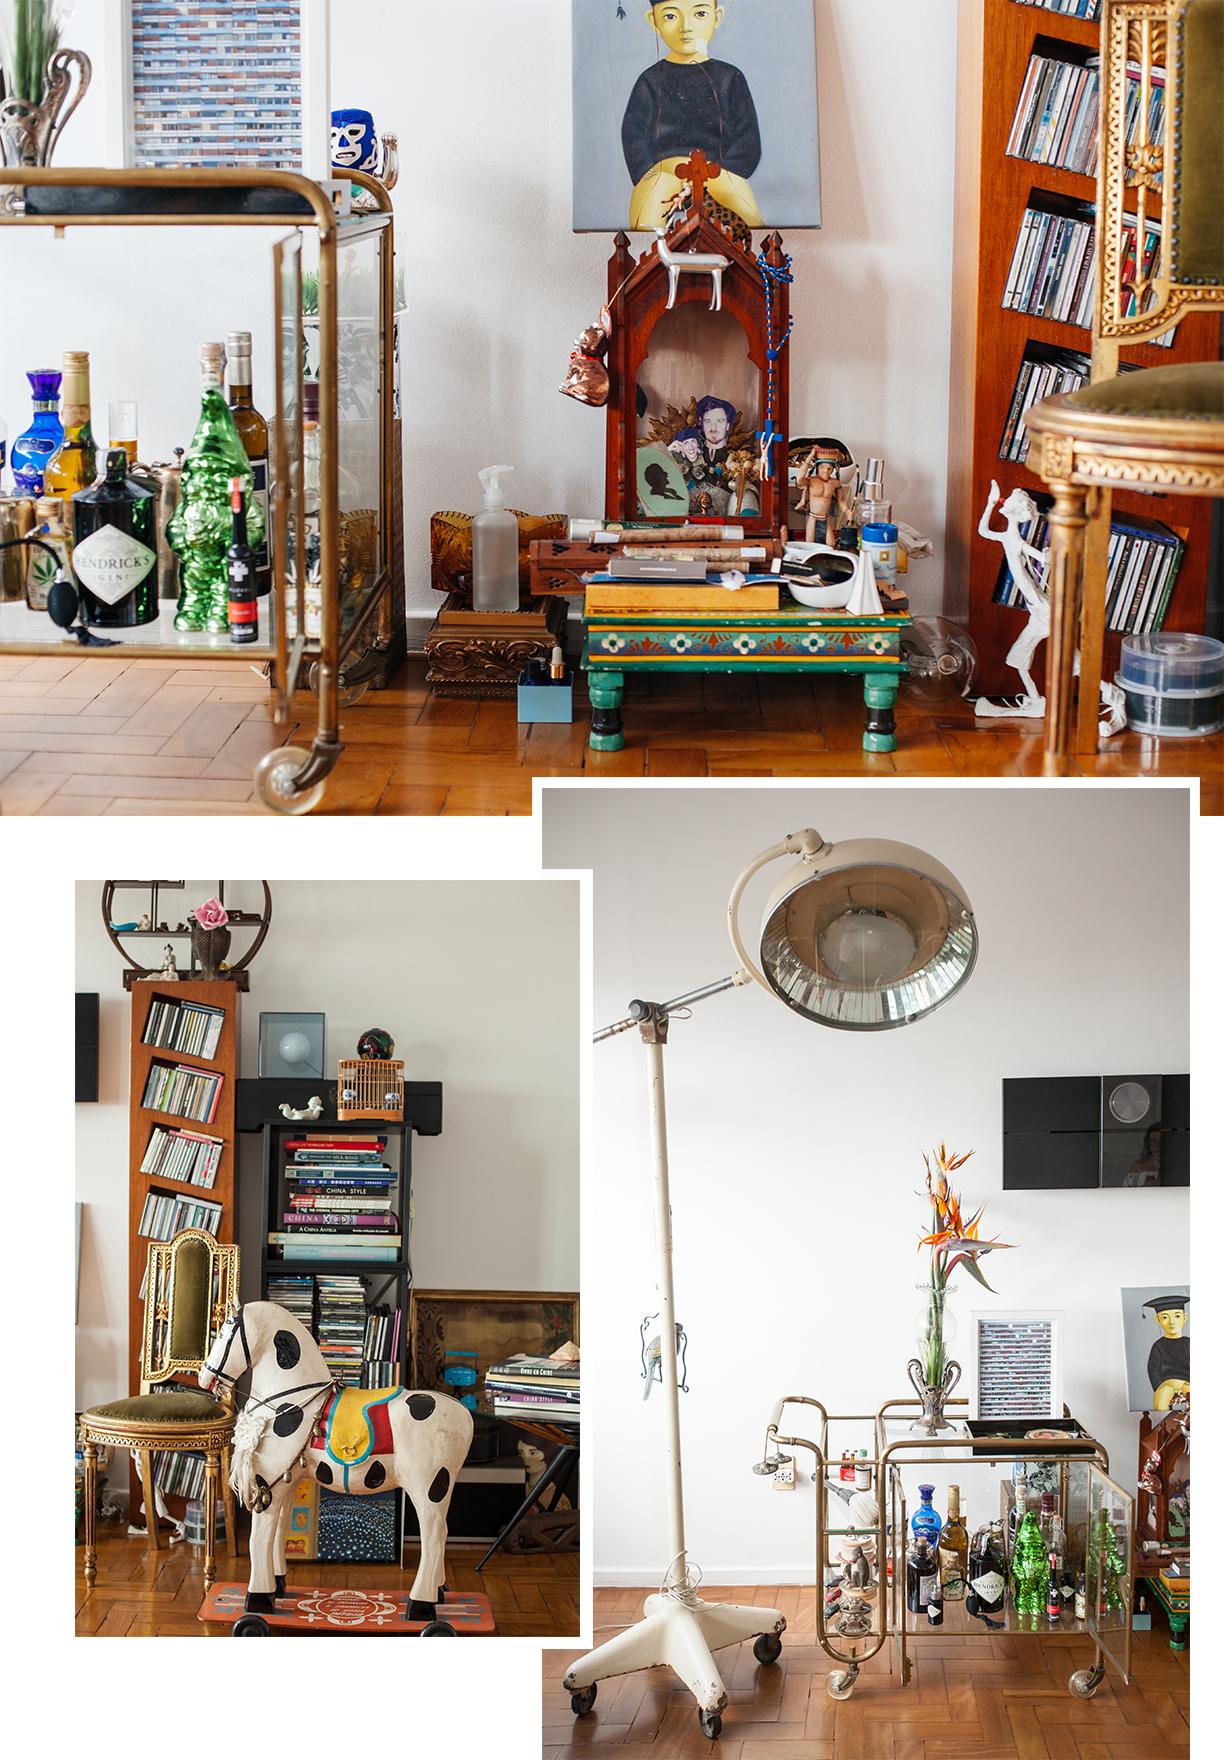 Lilly Malta, la recolectora de arte de São Paulo- WESTWING MAGAZINE 2